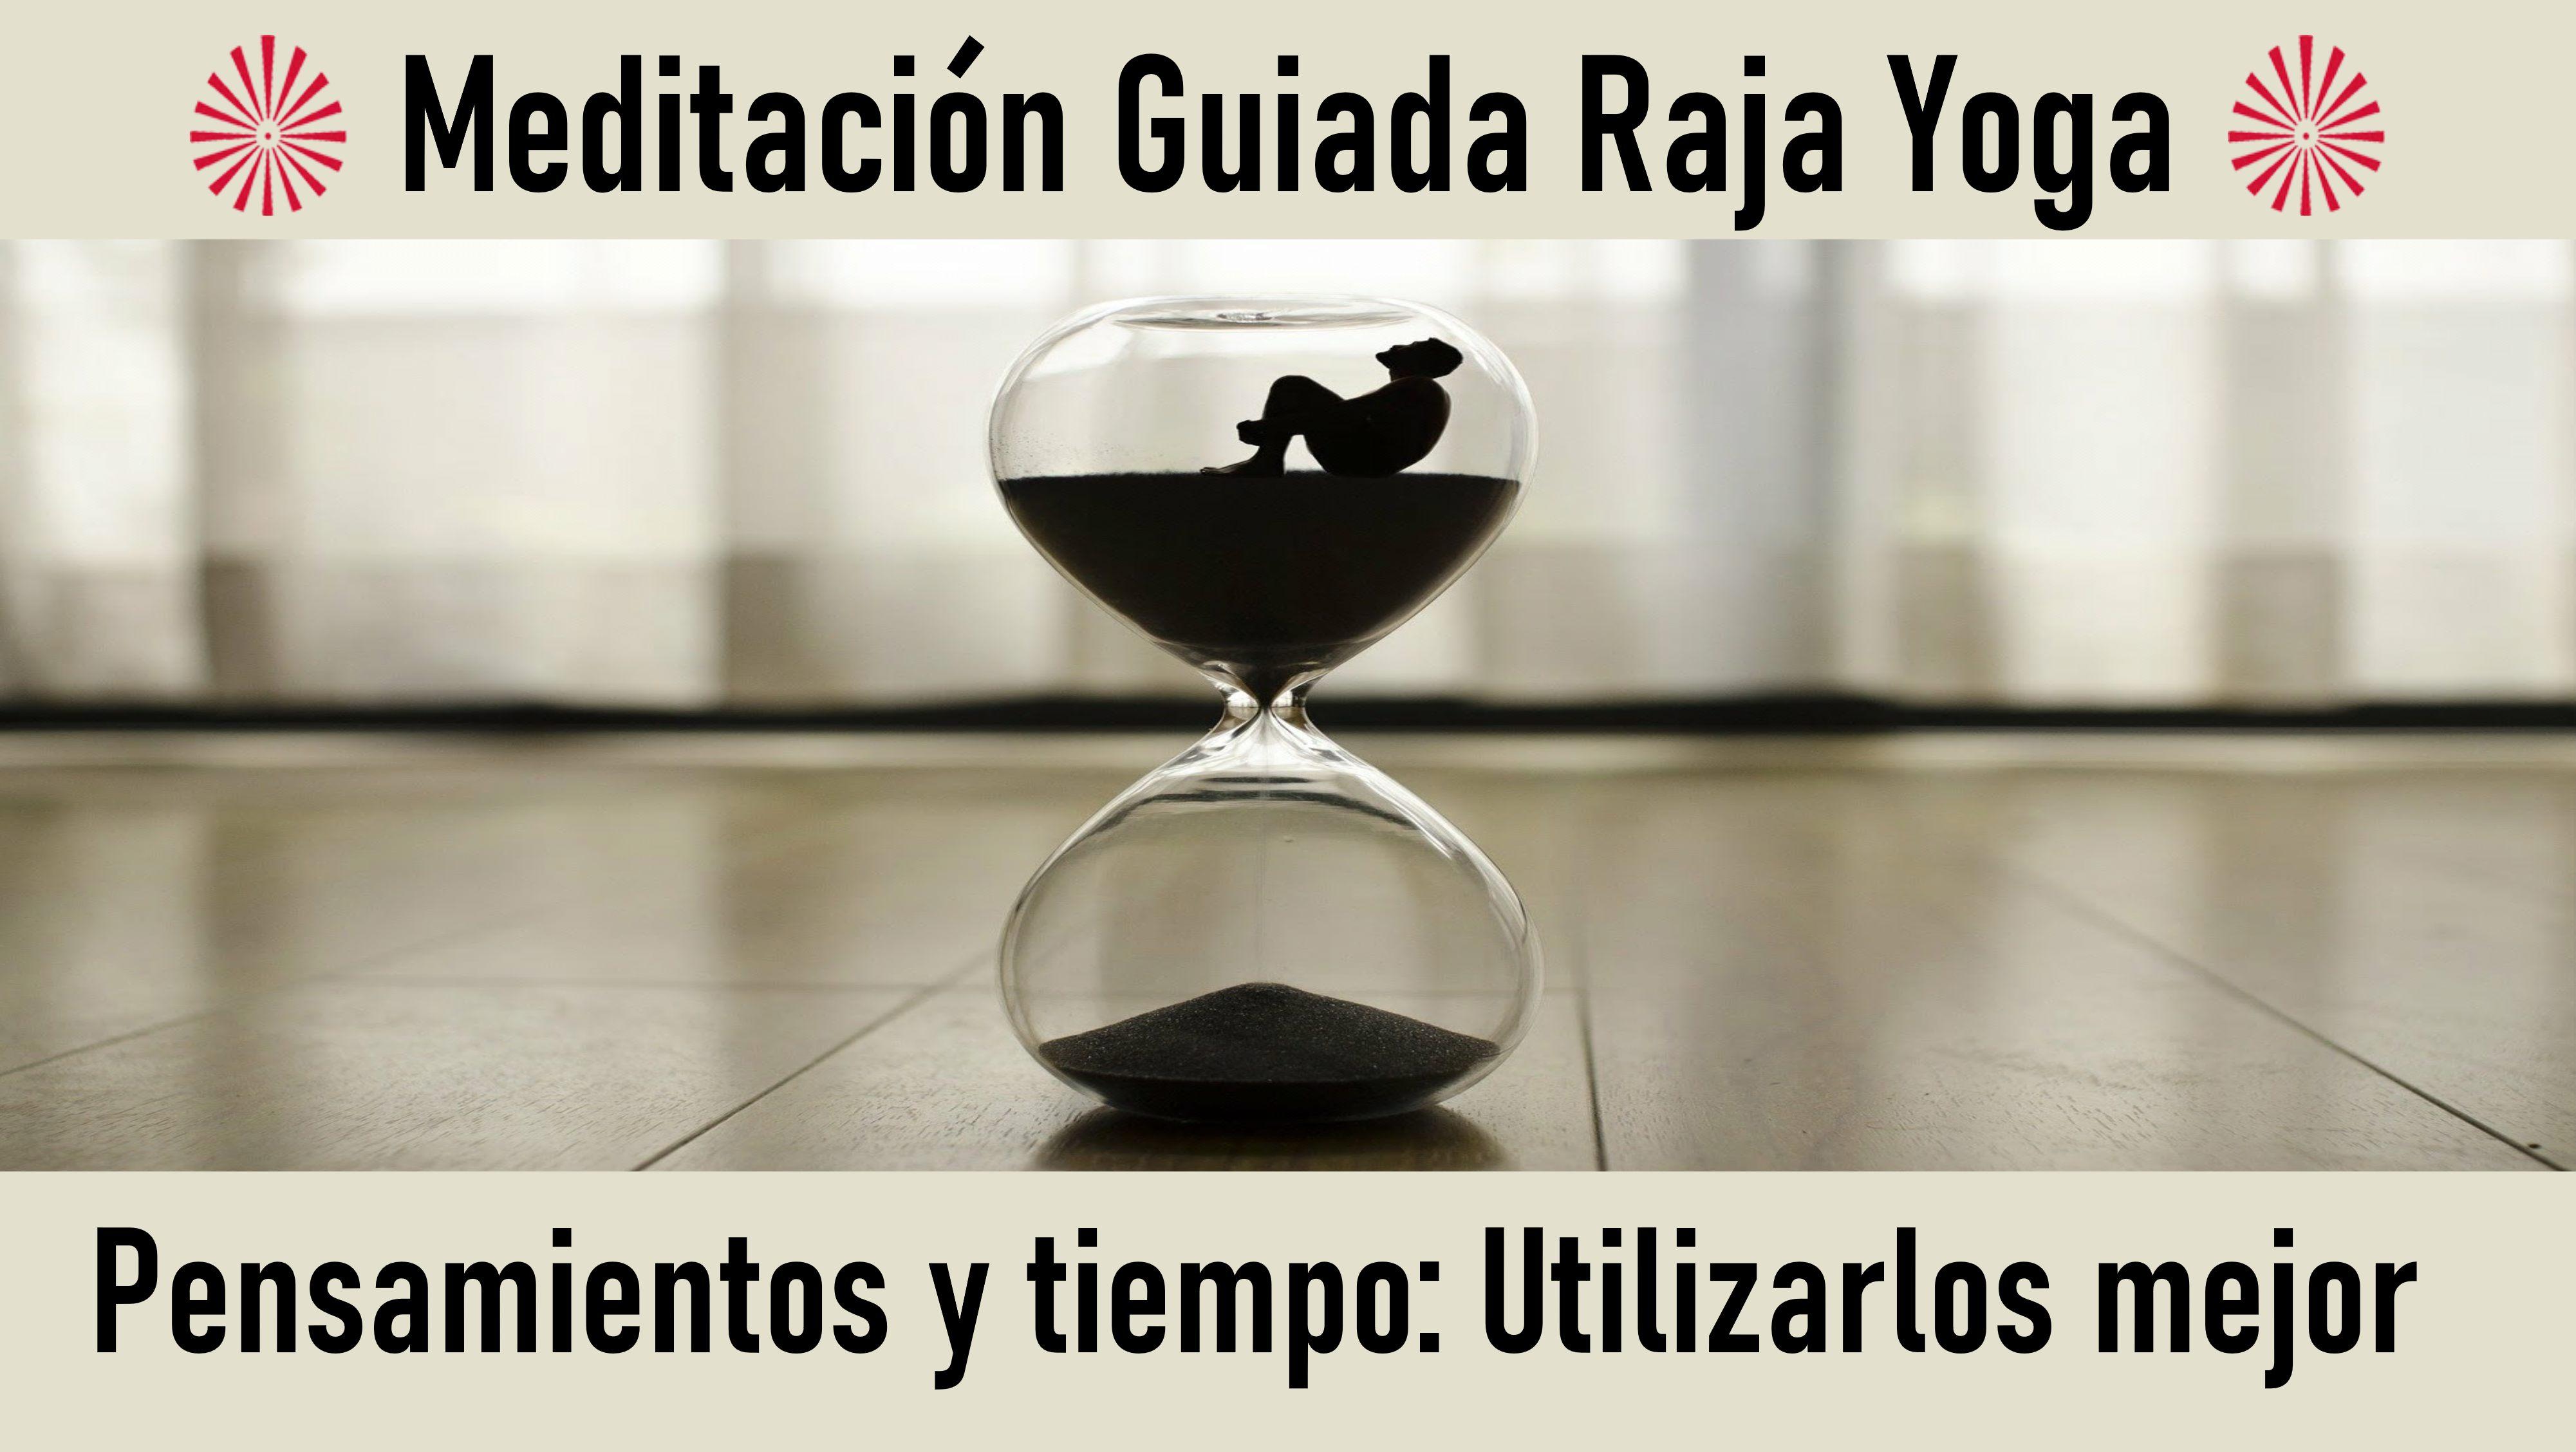 Meditación Raja Yoga Pensamientos y tiempo  utilizarlos mejor (22 Julio 2020) On-line desde Sevilla